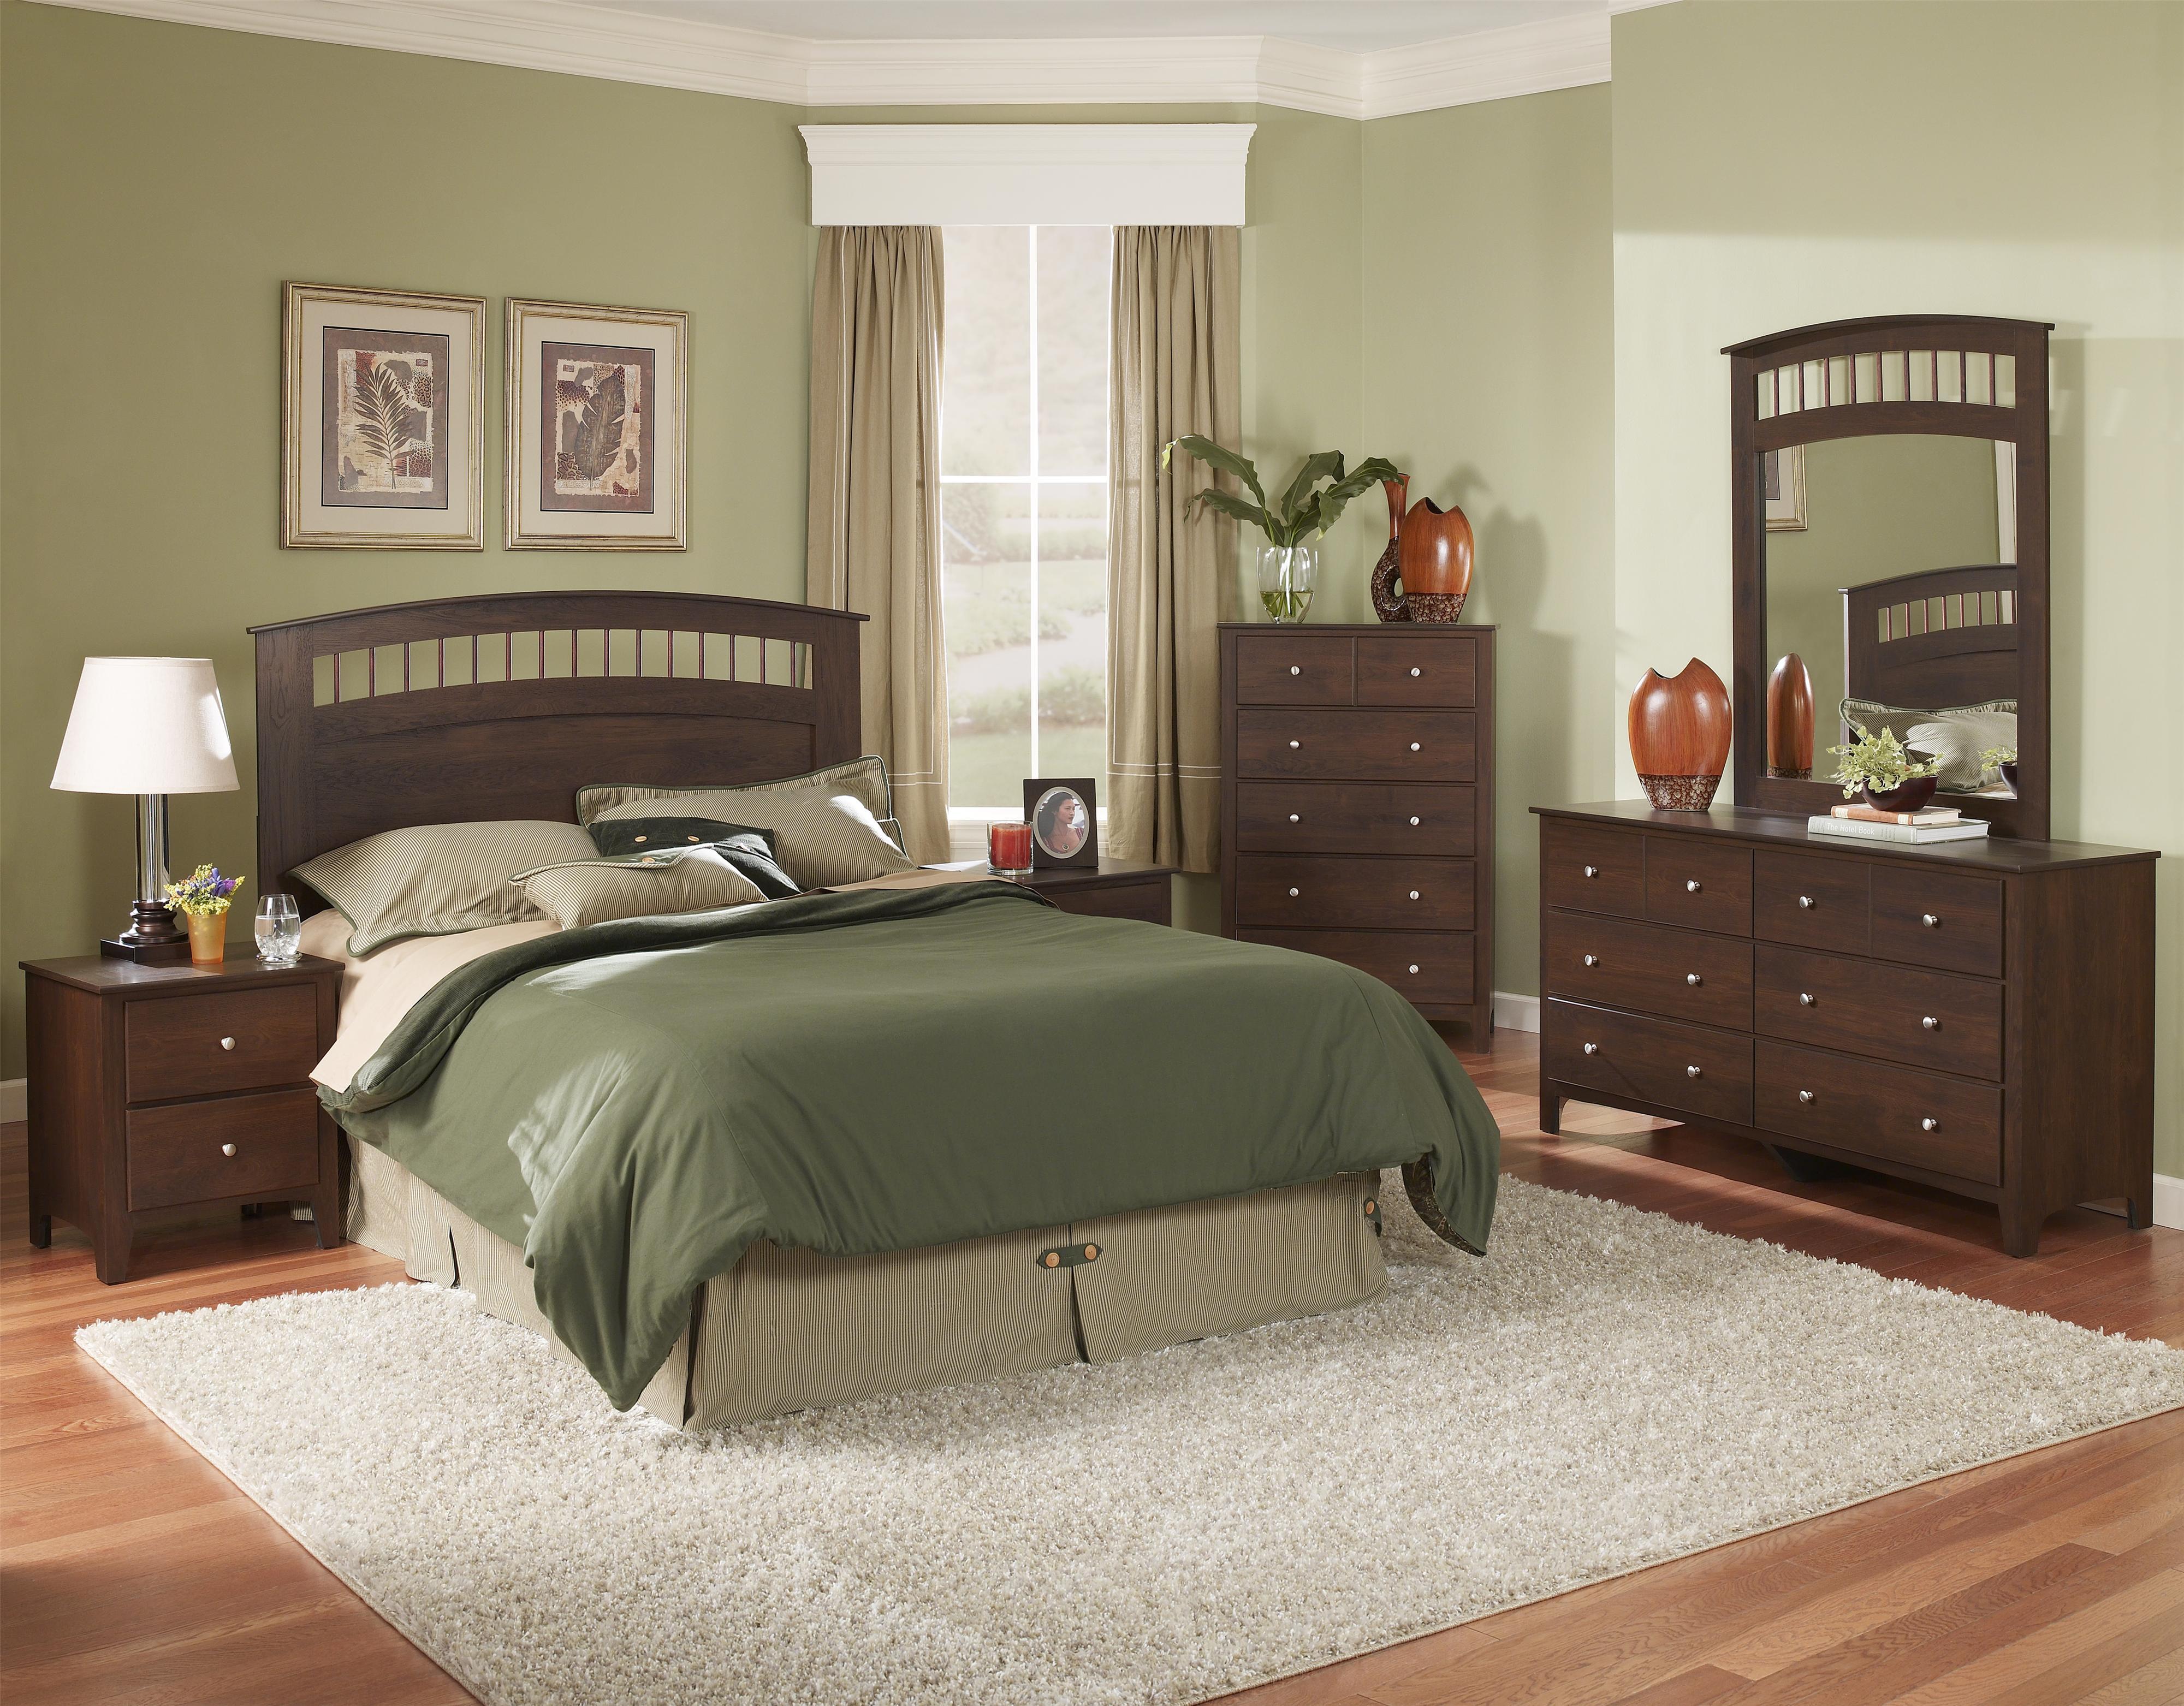 Perdue Bedroom Furniture Homdesigns